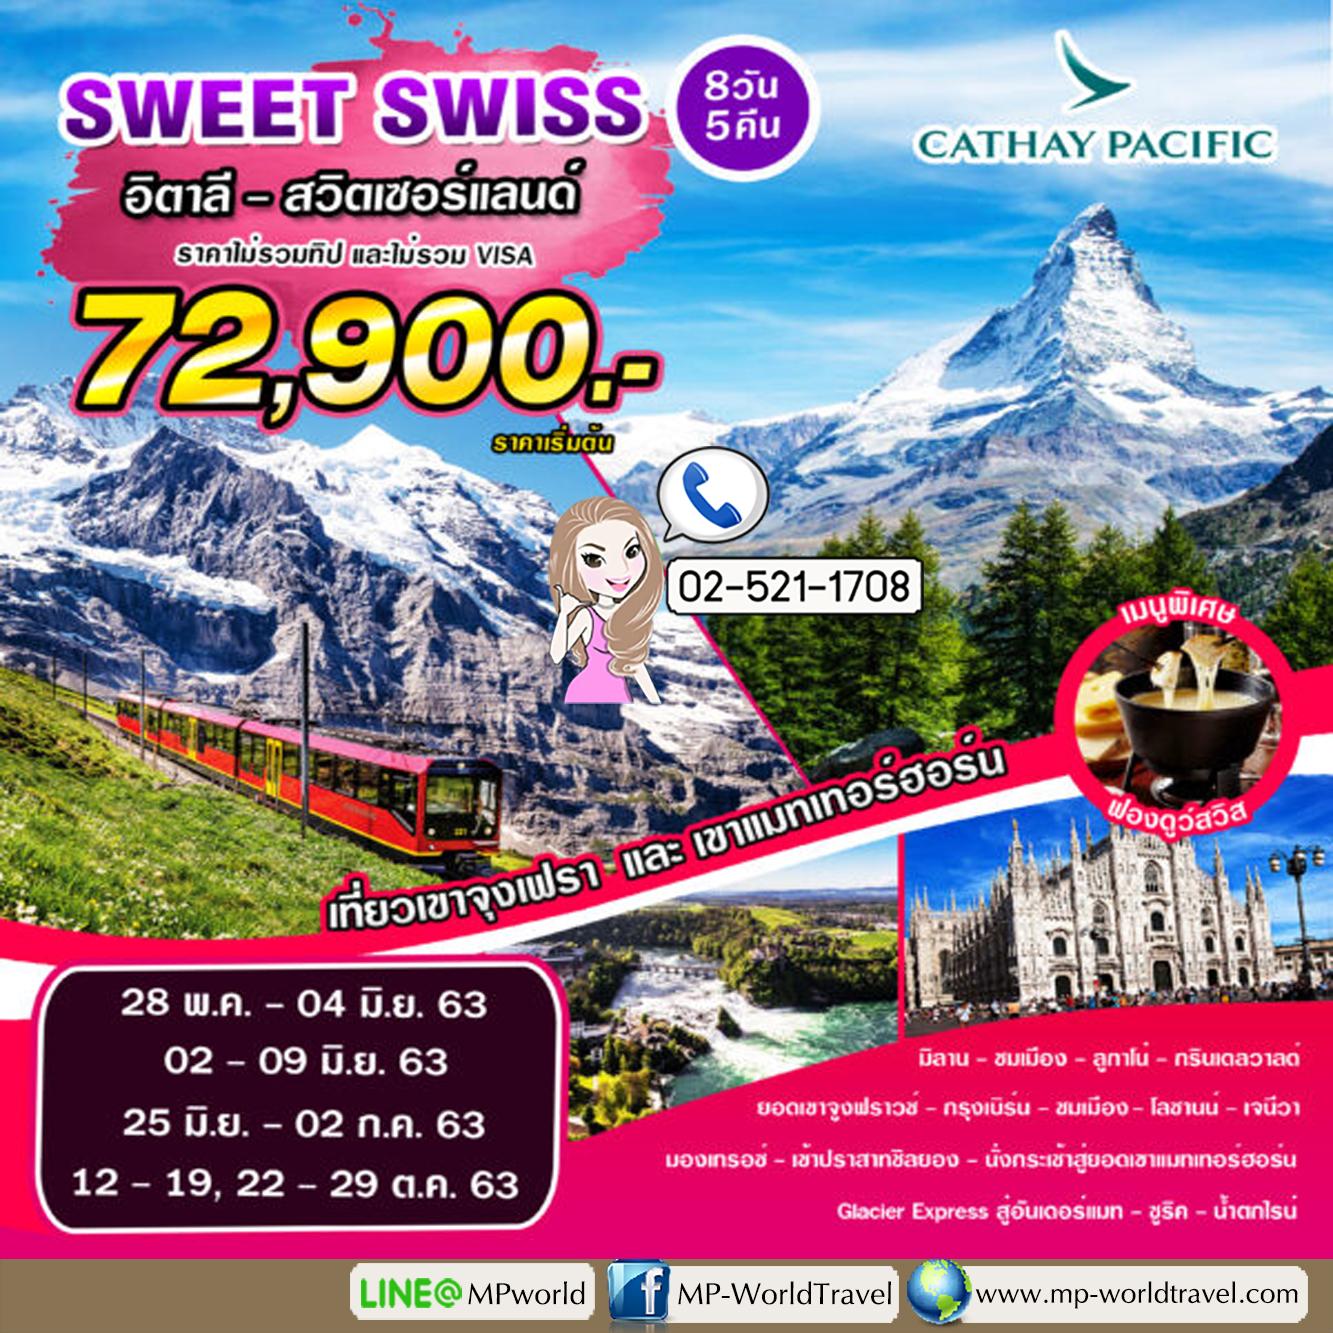 ทัวร์ยุโรป อิตาลี - สวิตเซอร์แลนด์ 8 วัน 5